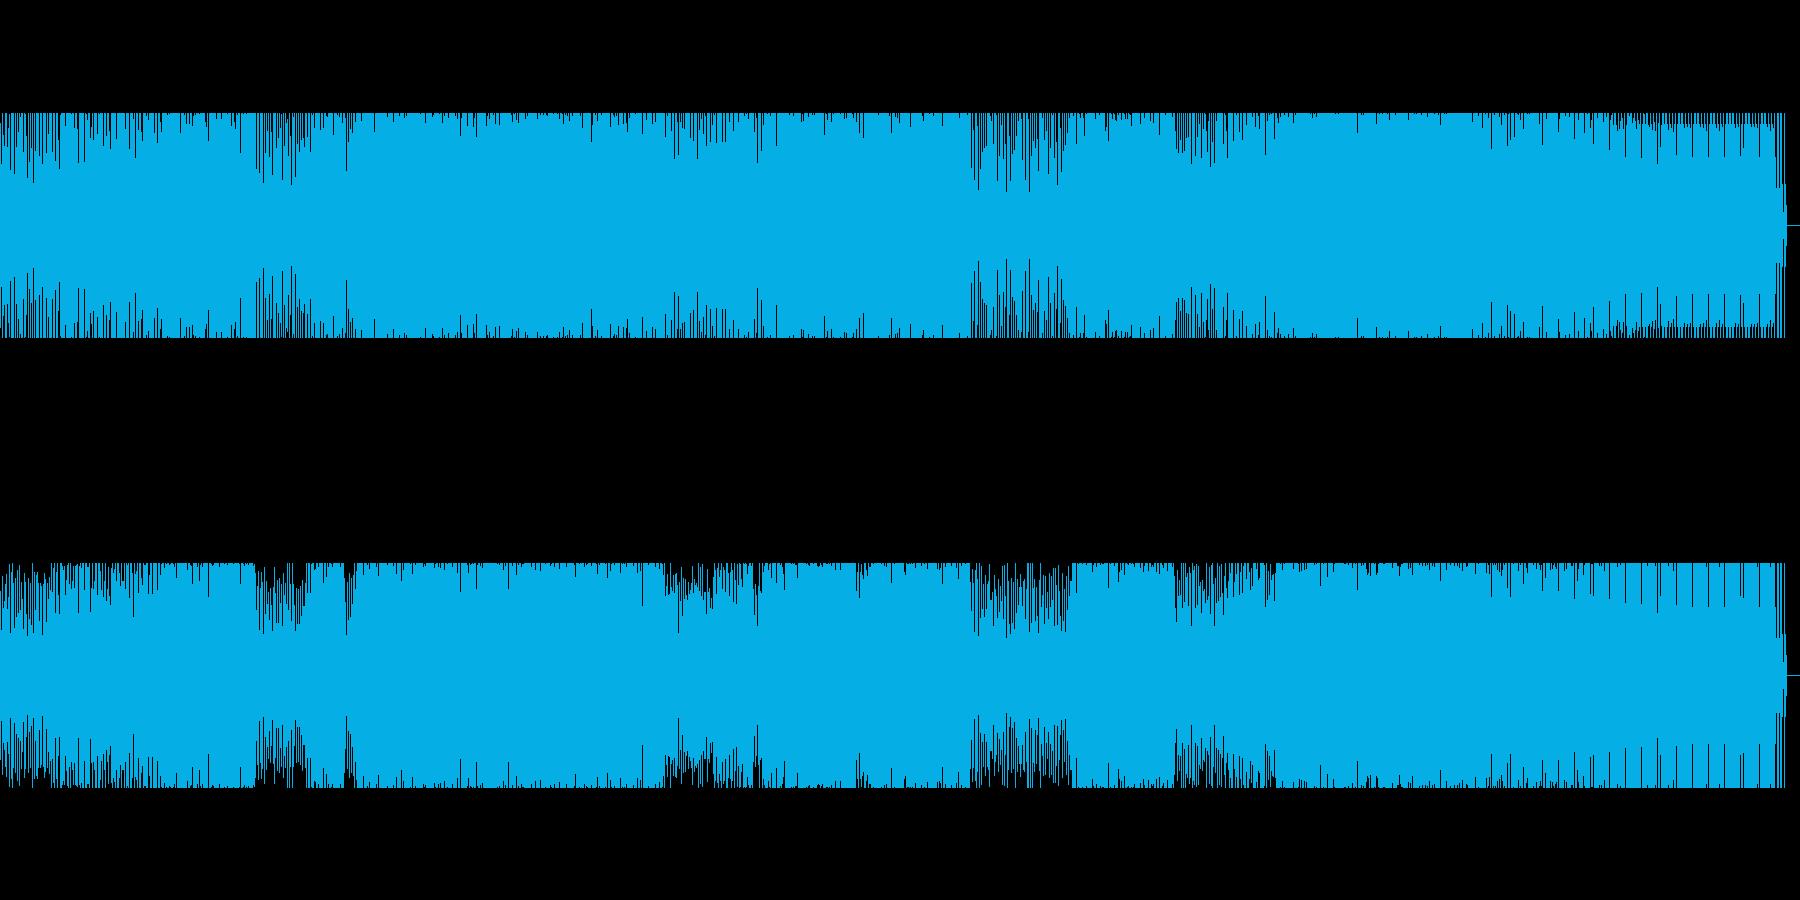 【低音強め】ダンスミュージックの再生済みの波形